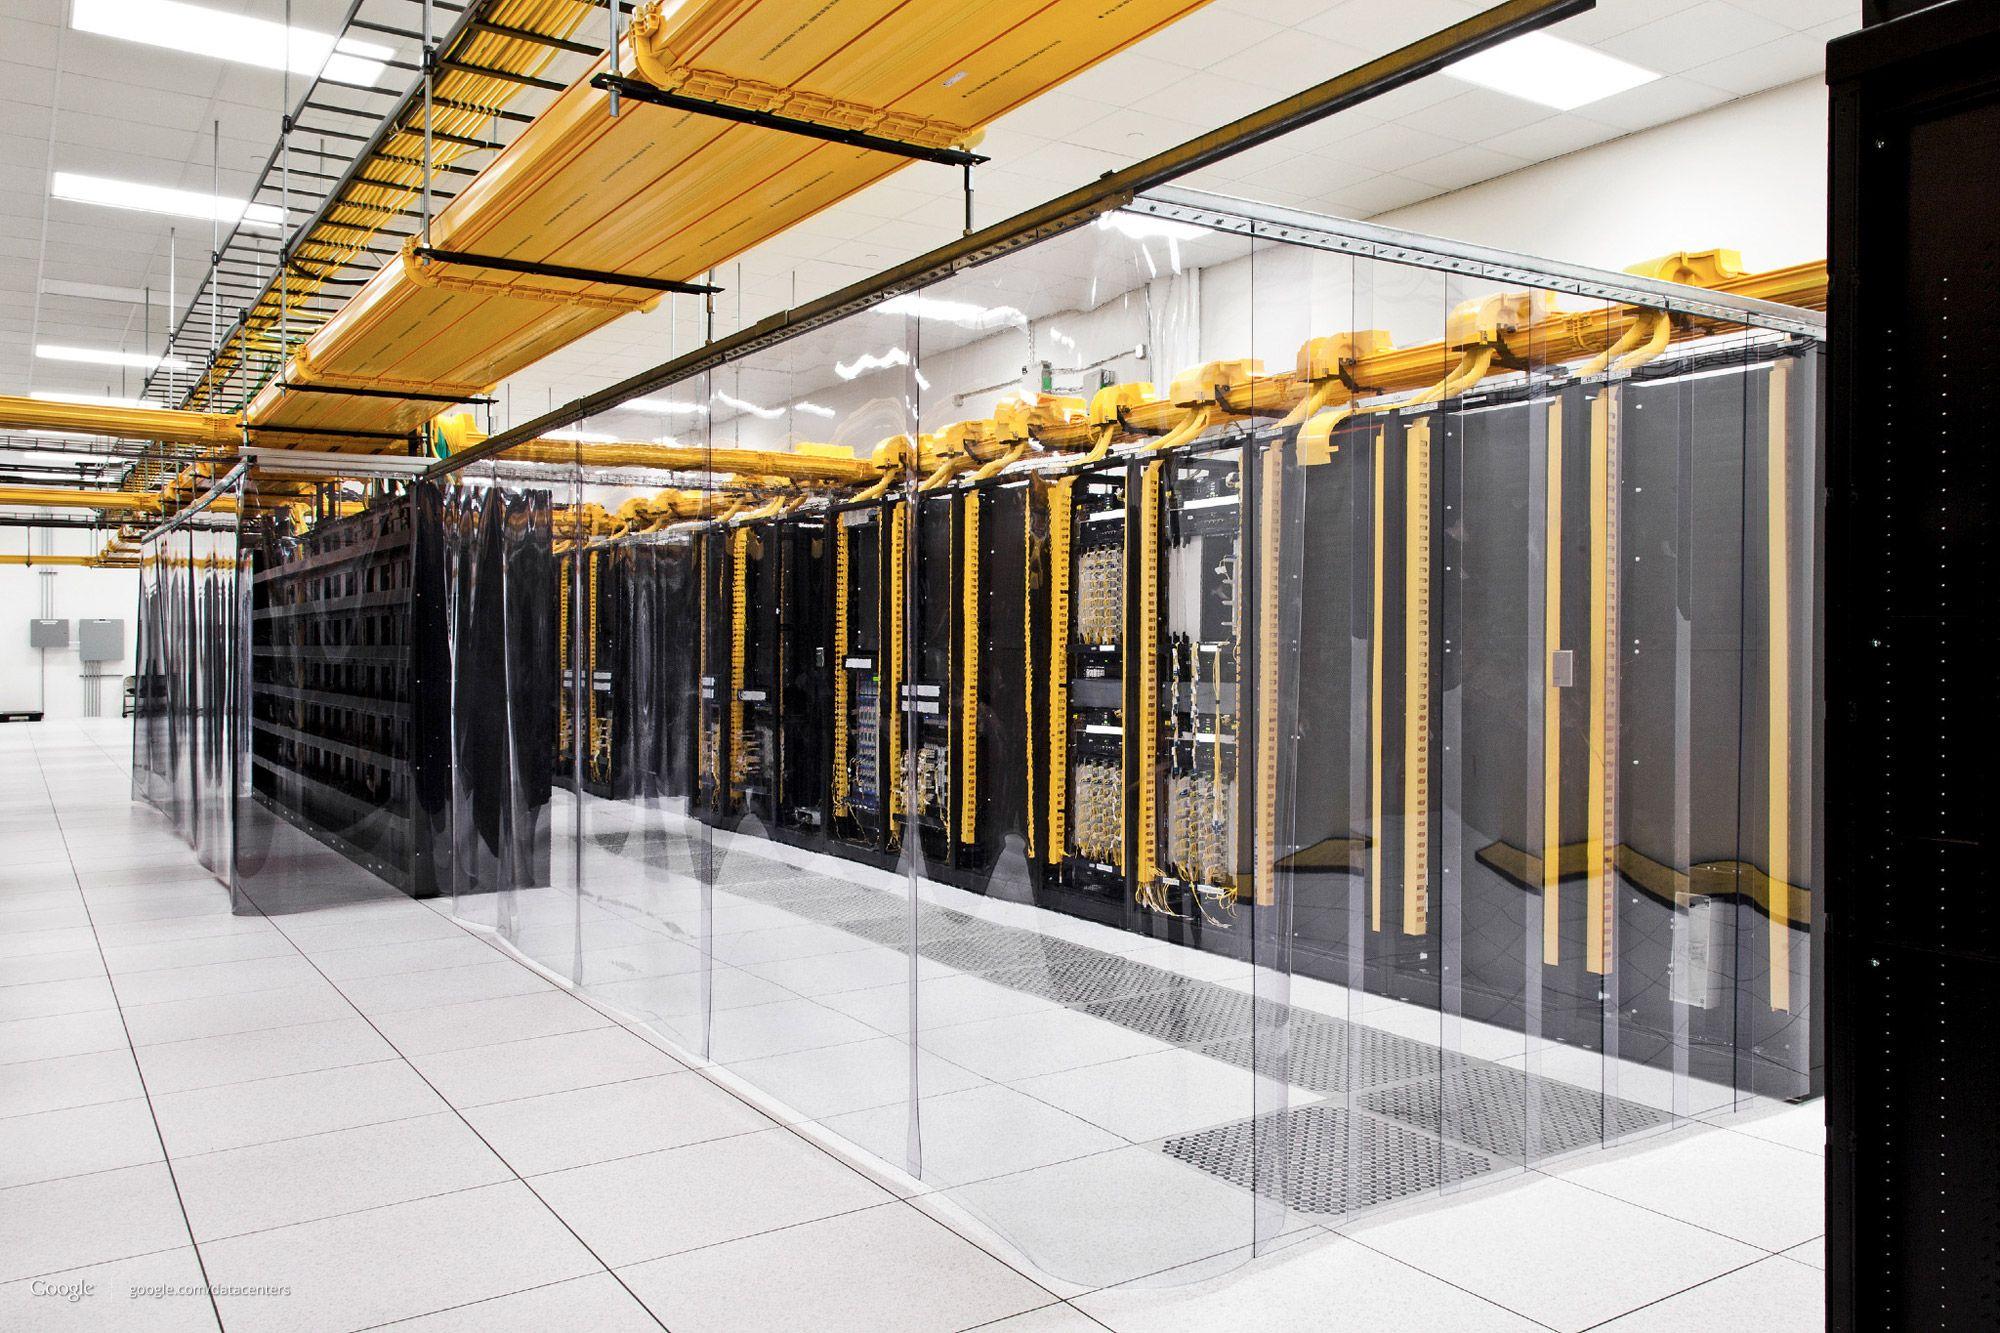 Plastgardiner holder den kalde luften, som kommer opp fra gulvet, inne blant serverne.Foto: Google/Connie Zhou